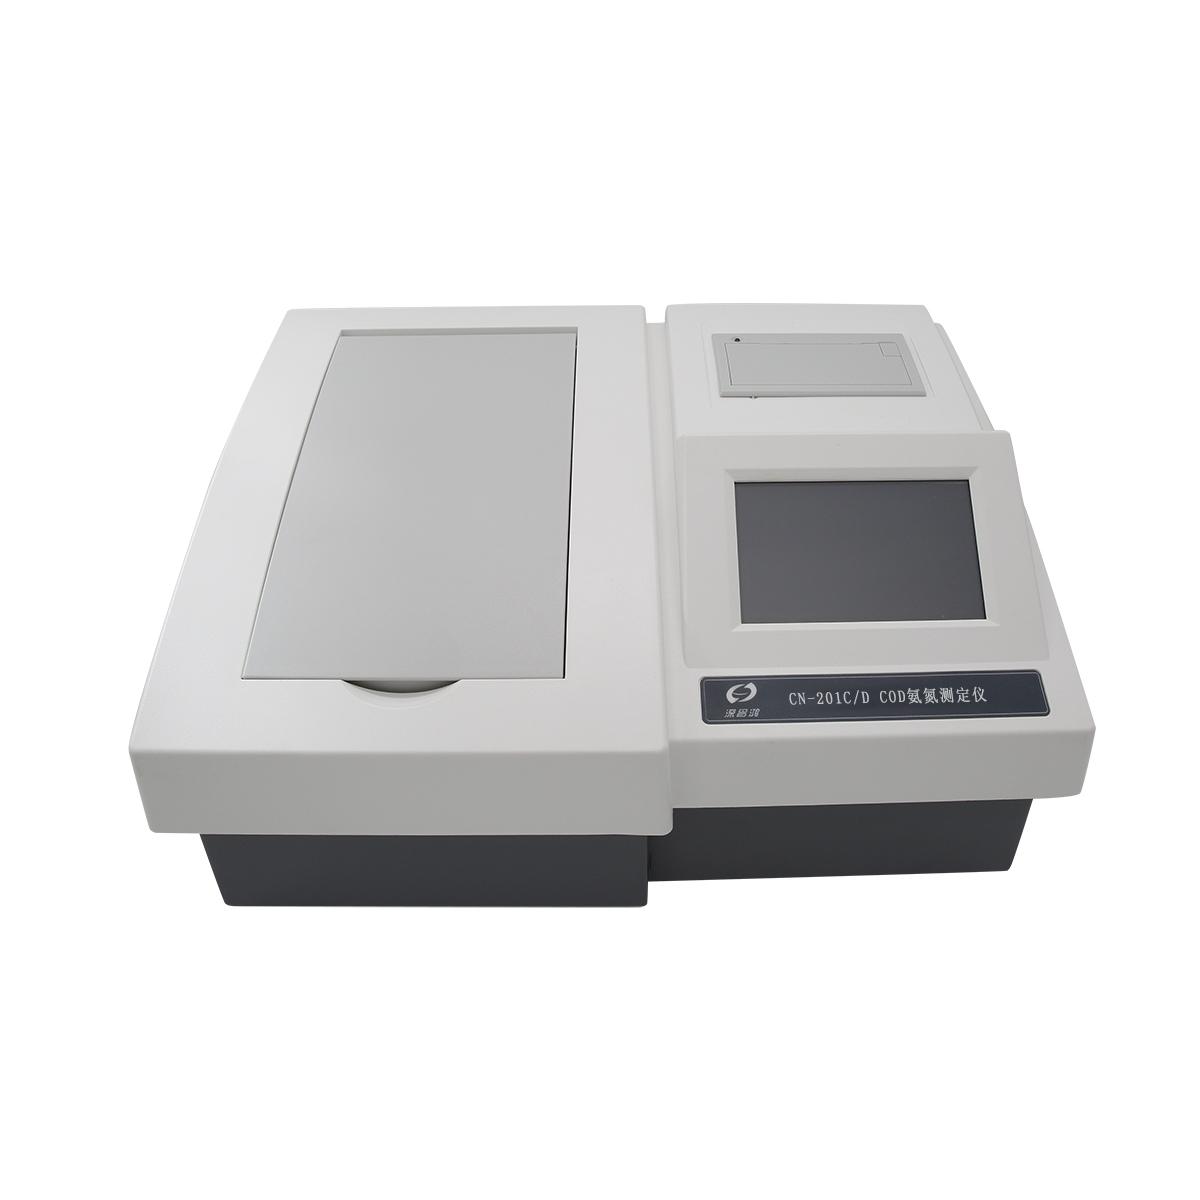 深昌鸿-COD氨氮测定仪-CN-201C/D型